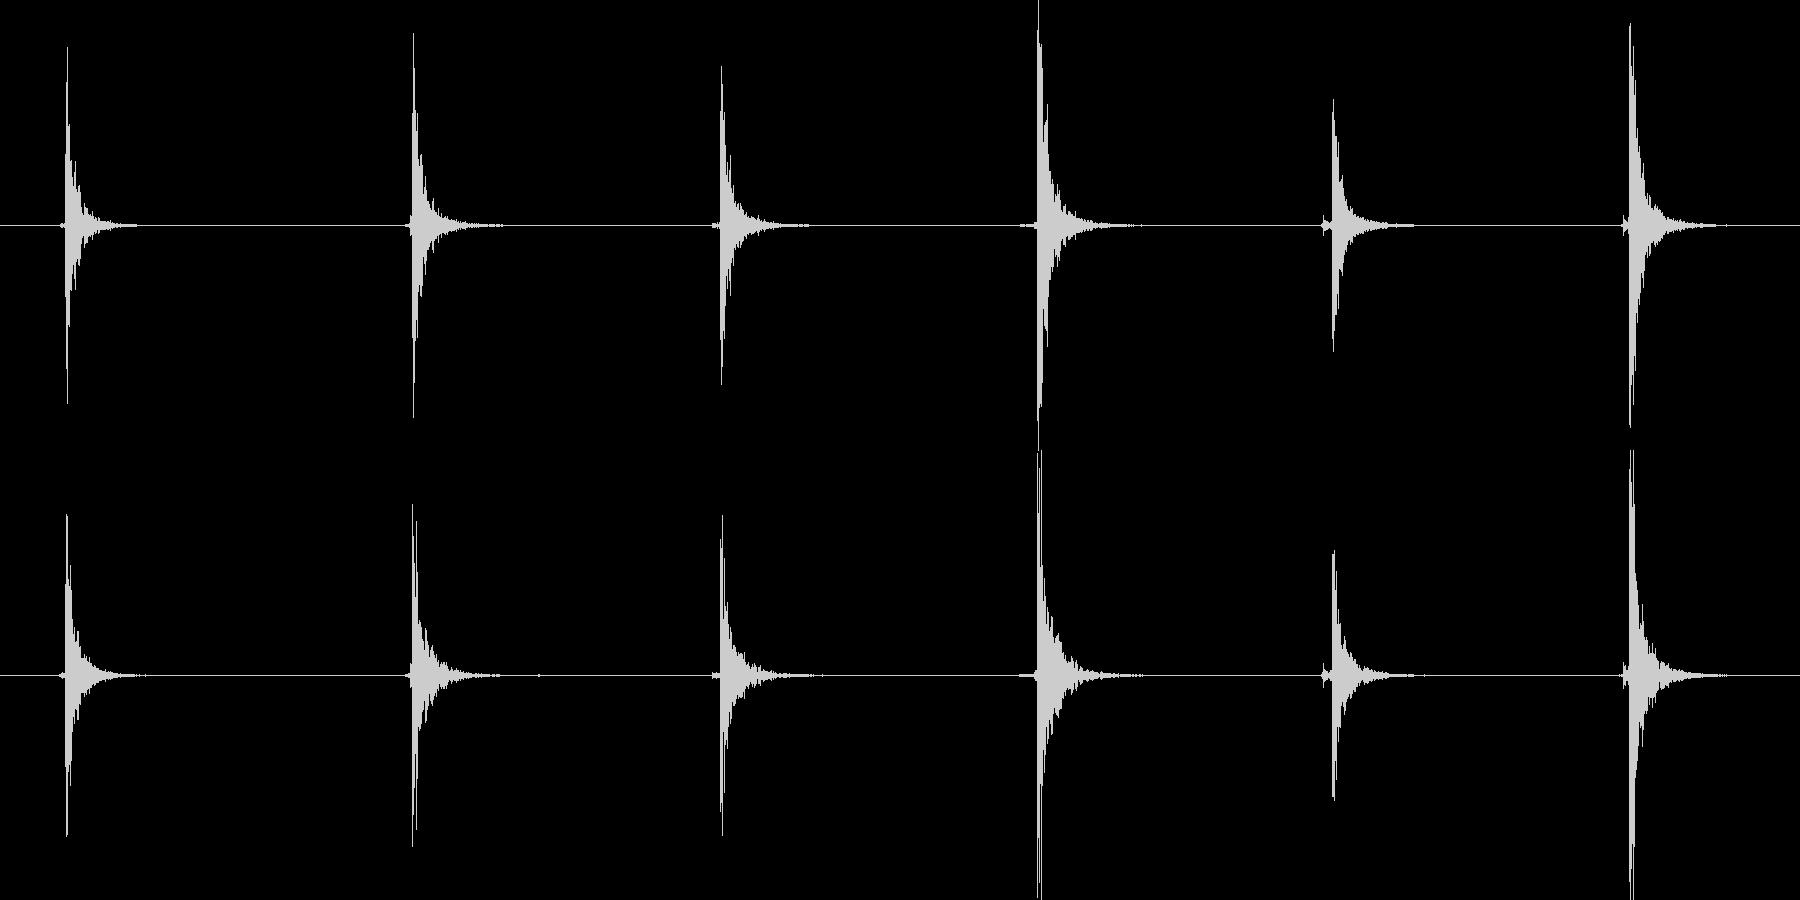 木のまな板の上でしいたけを切る音の未再生の波形